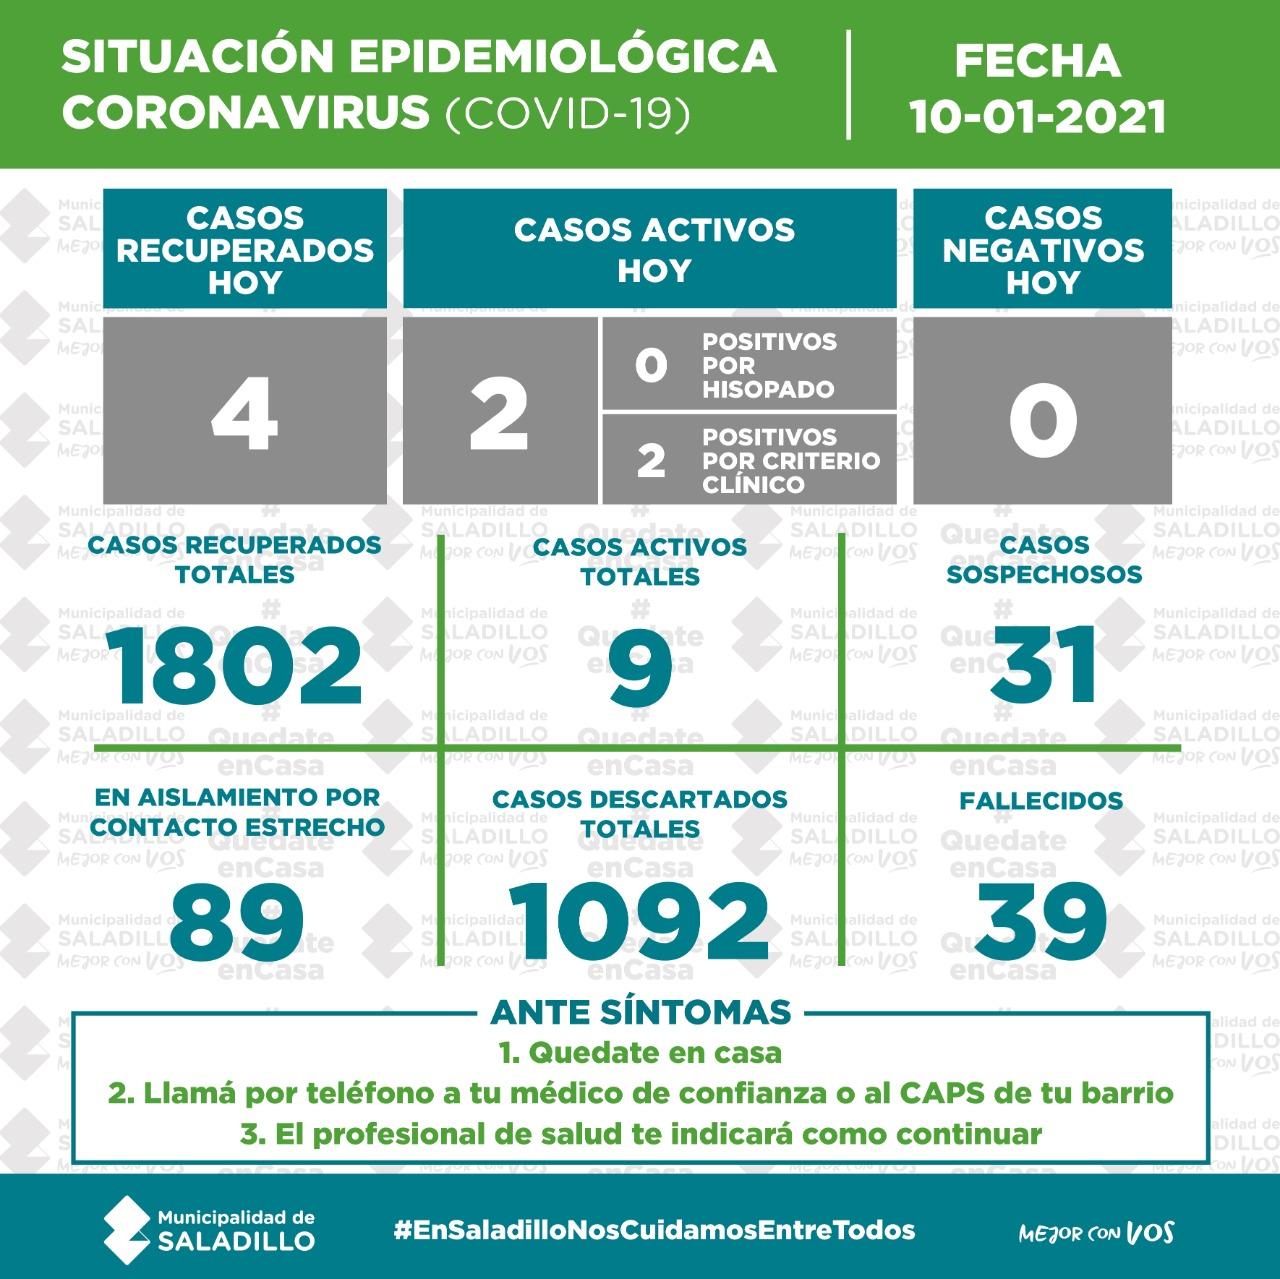 SITUACIÓN EPIDEMIOLÓGICA EN SALADILLO al 10/01/2021